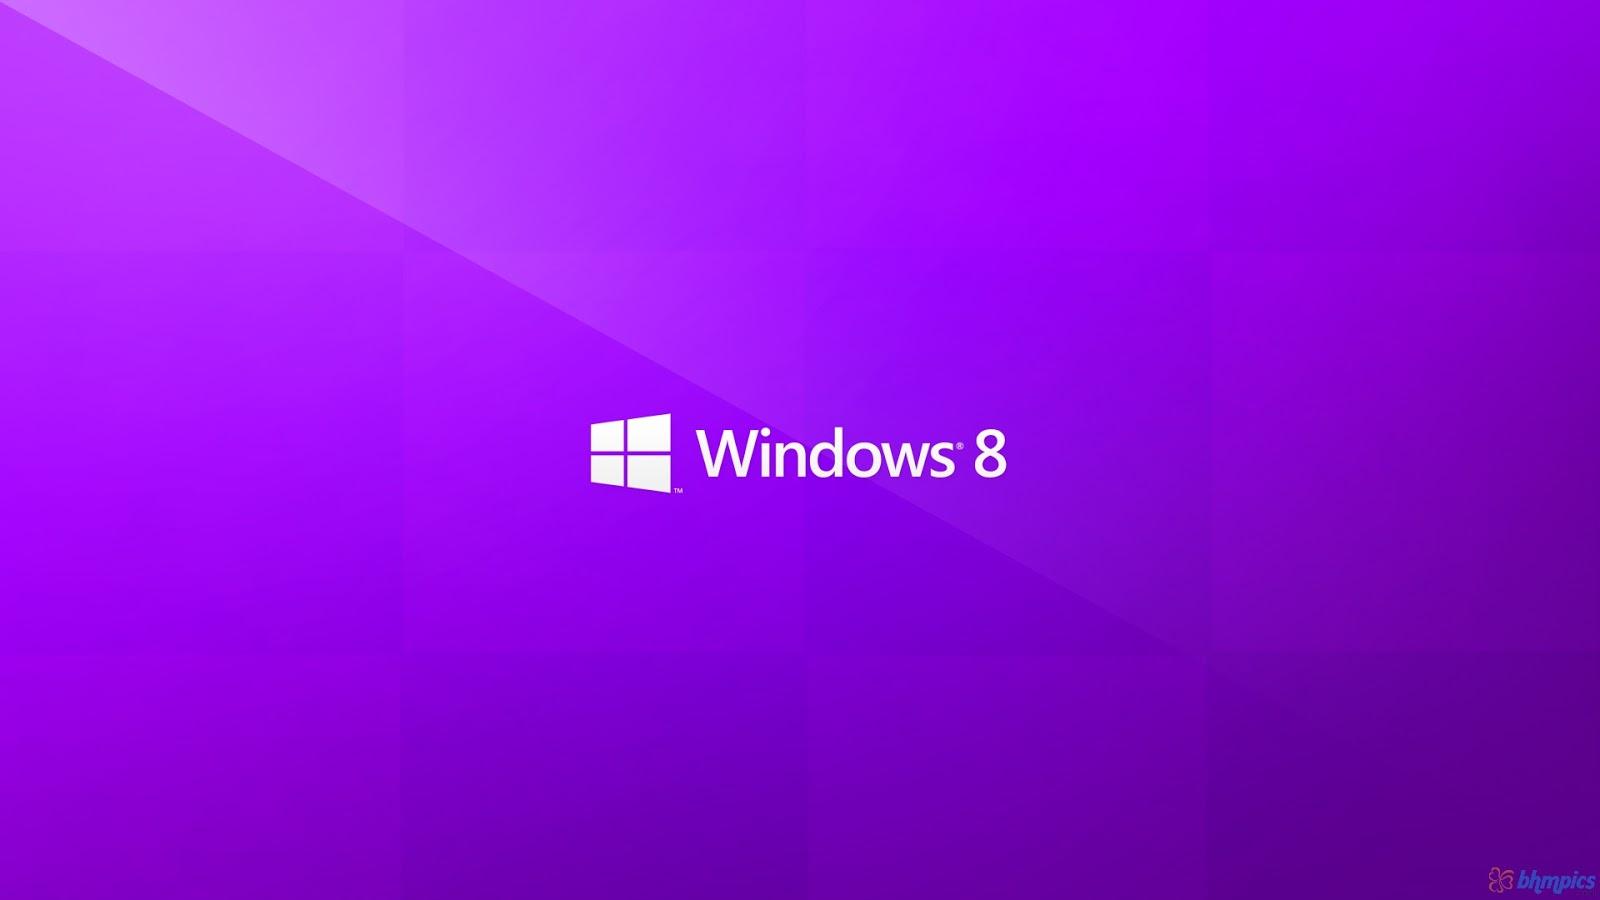 Windows 8 Wallpaper 1920x1080 Mega Wallpapers